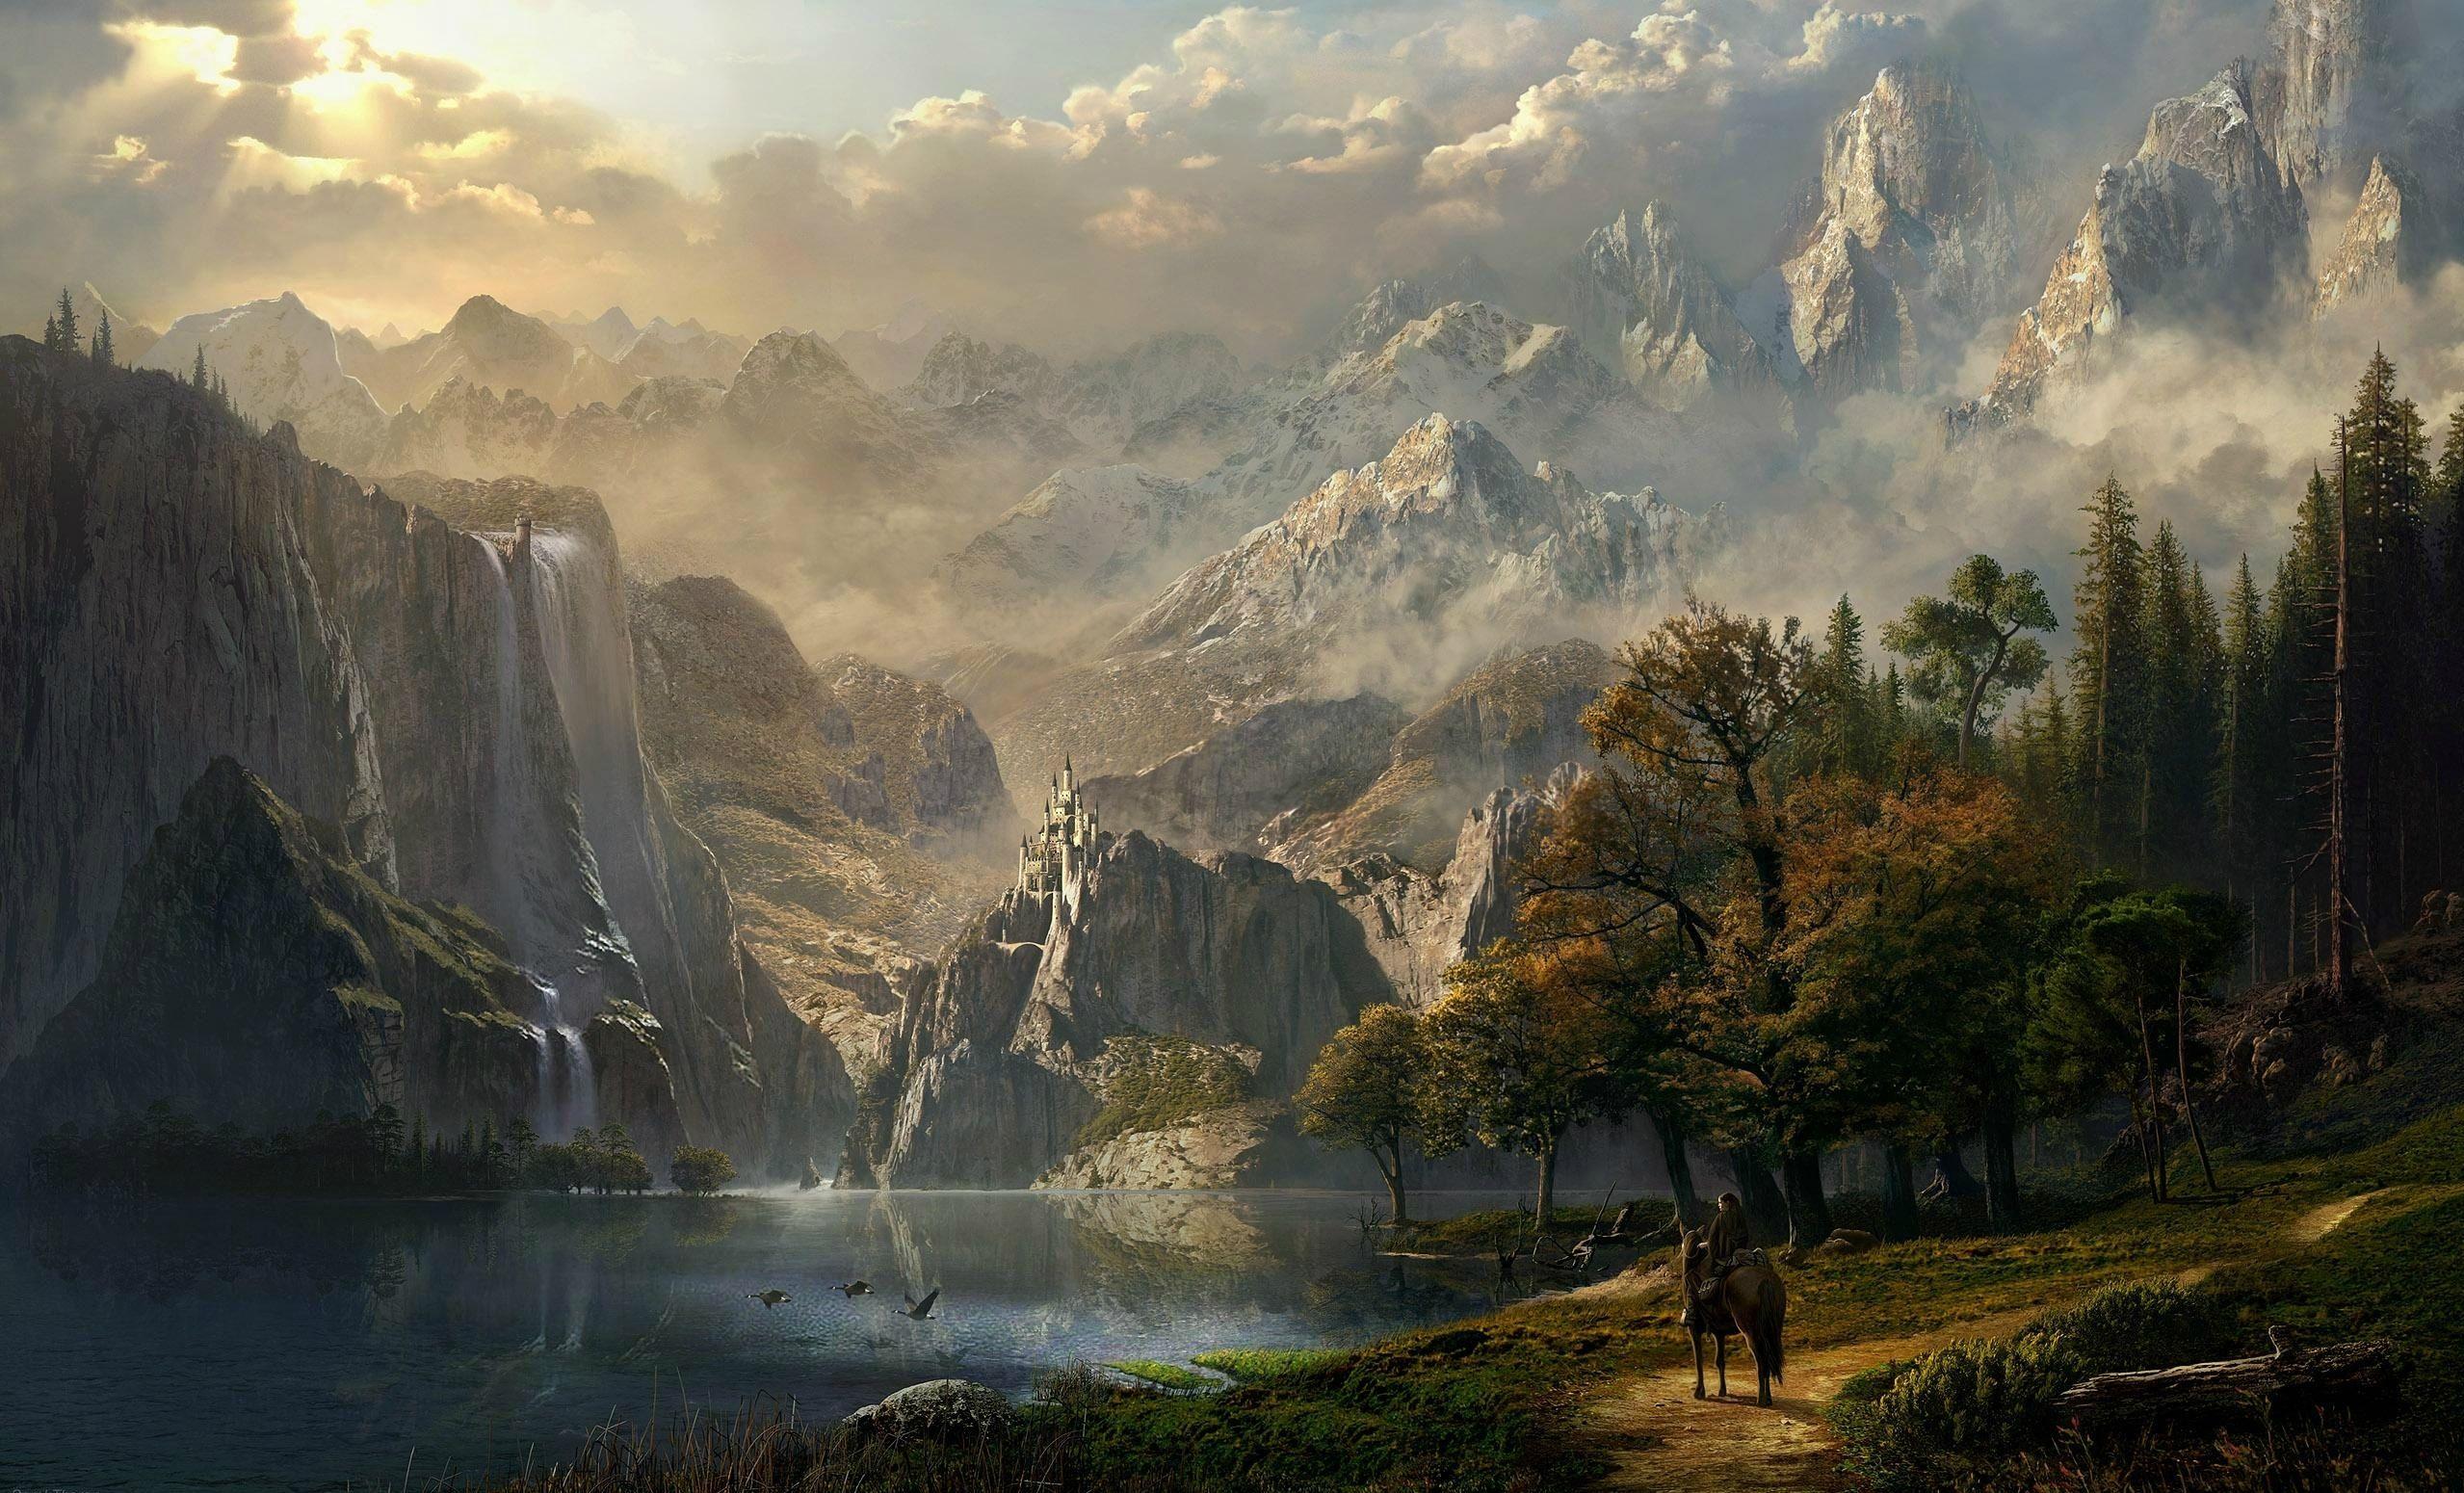 Skyrim Landscape Wallpaper Hd ~ Sdeerwallpaper | Gaming ...